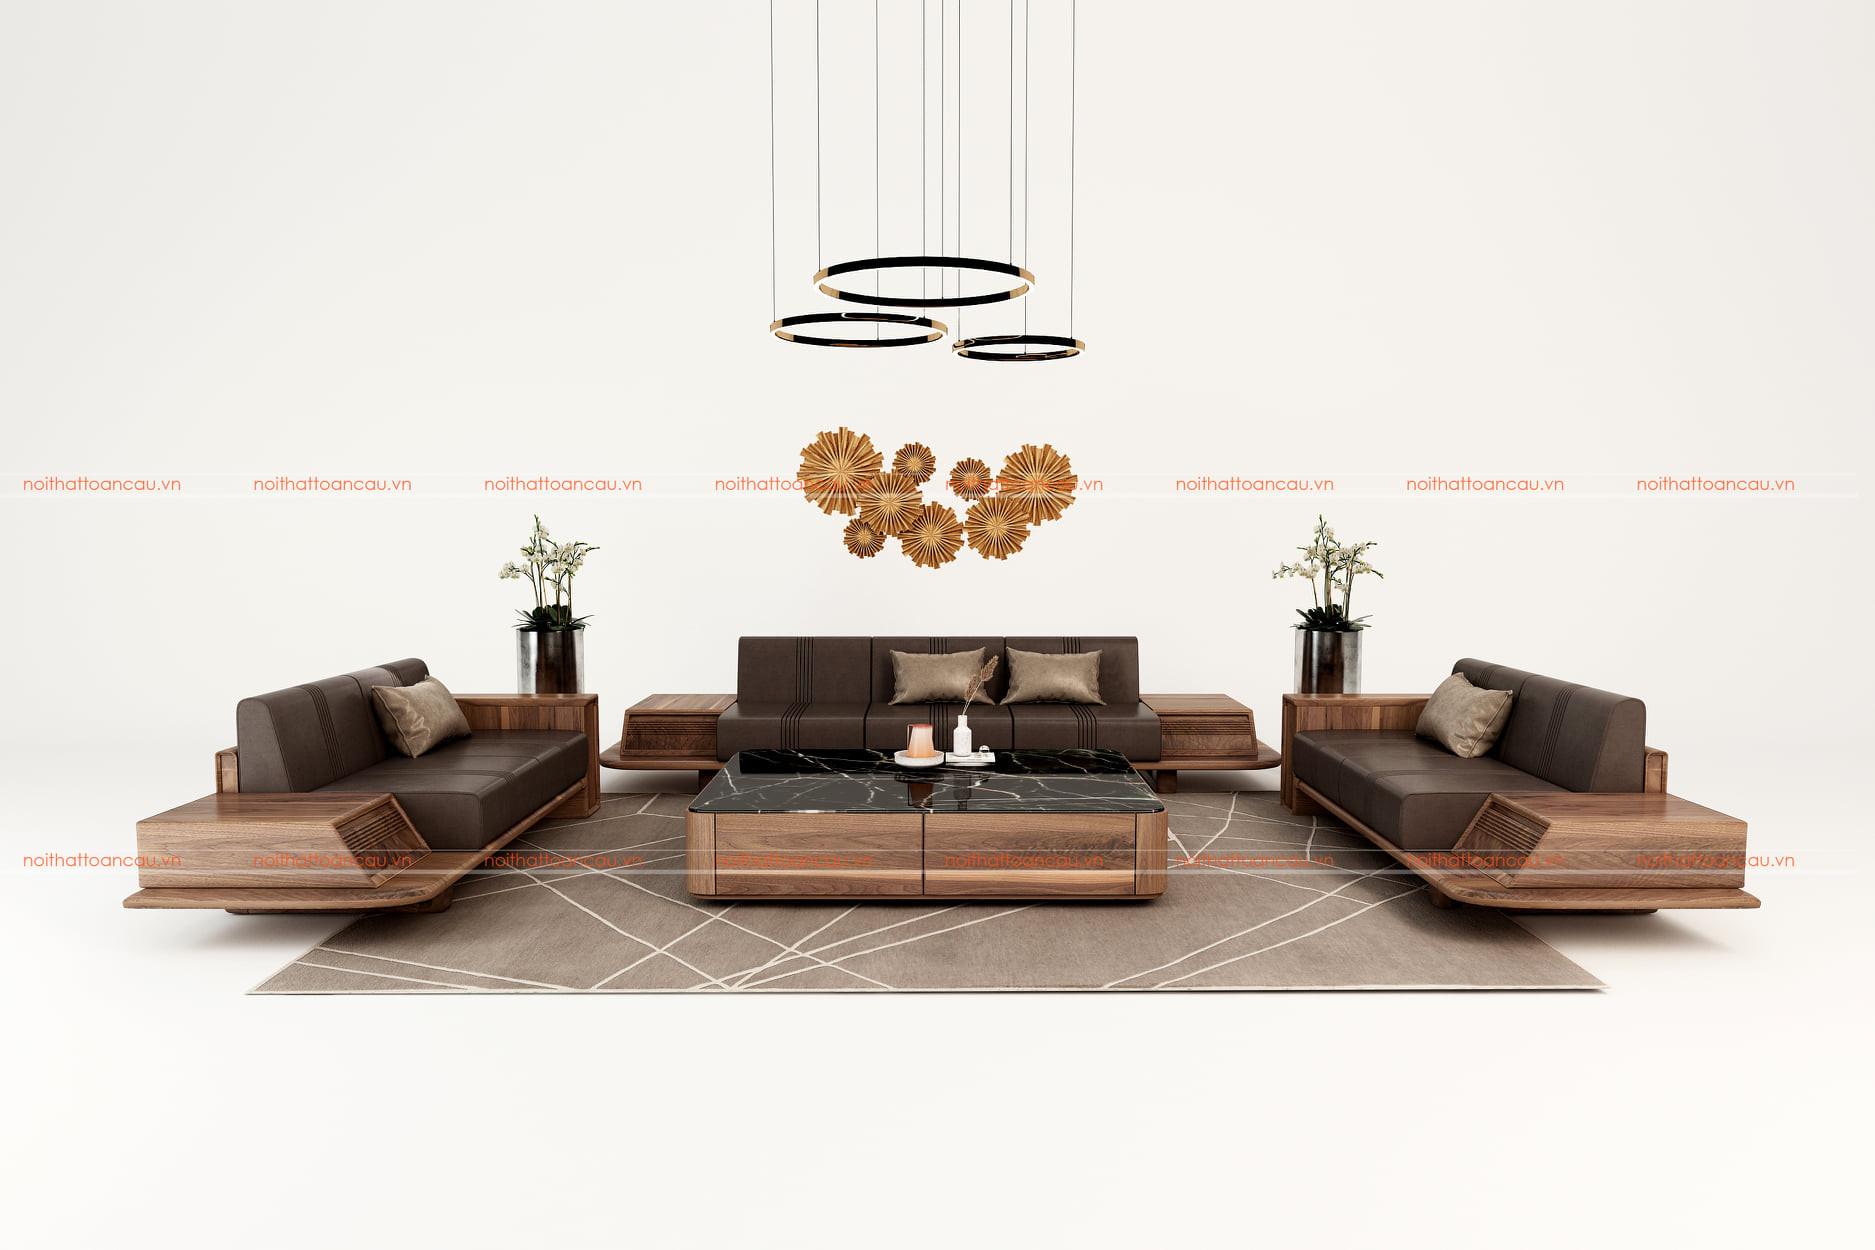 Sofa gỗ óc chó cho phòng khách hiện đại - TC140 c